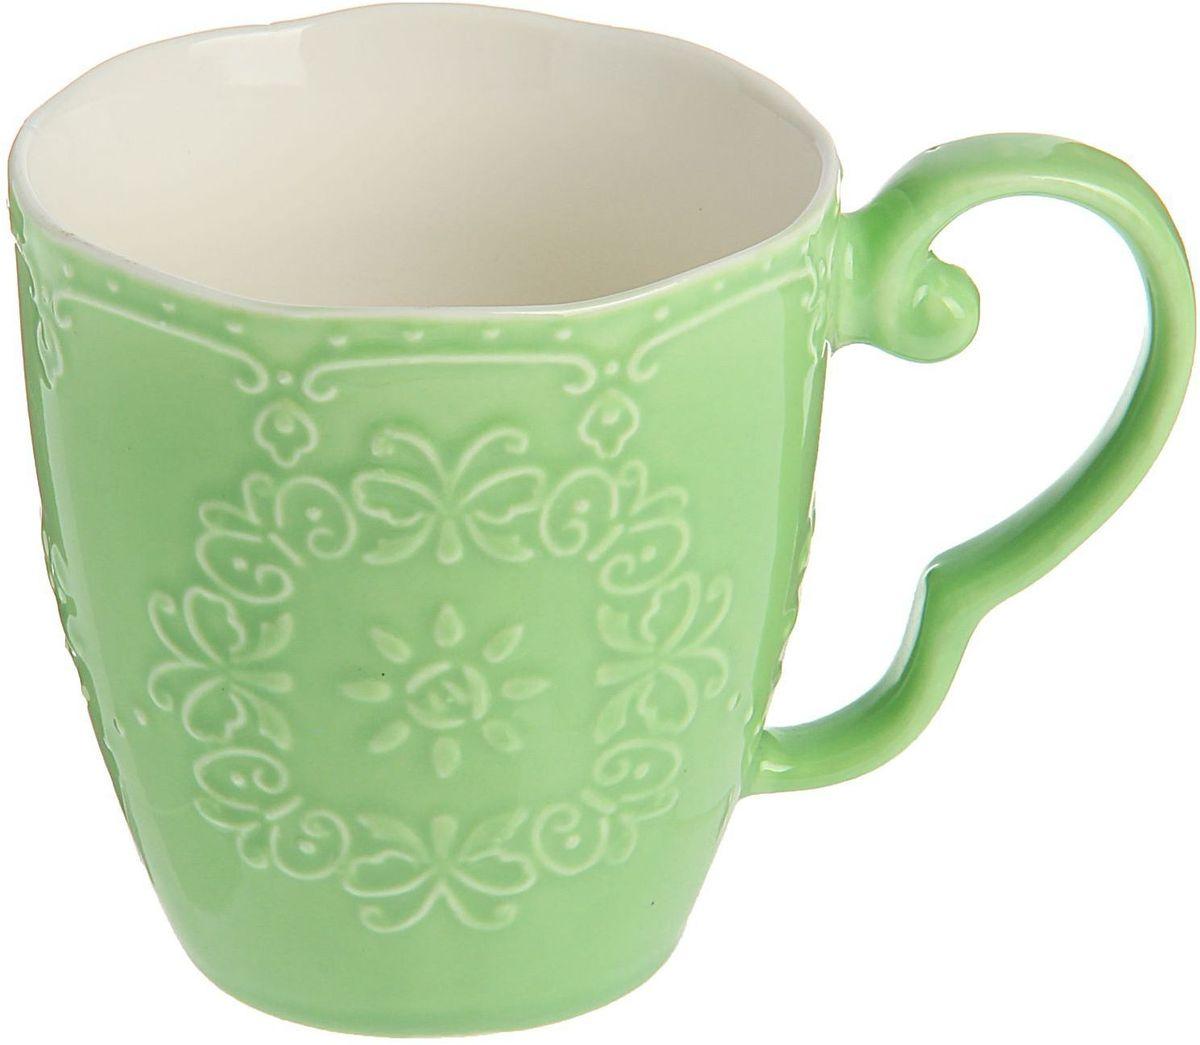 Кружка Доляна Кружева, цвет: зеленый, 270 мл1625312Кружка Доляна Кружева изготовлена из керамики. Корпус чашки украшен выпуклым кружевным рисунком.Кружка станет отличным подарком для родных и близких. Это любимый аксессуар на долгие годы. Относитесь к изделию бережно, и оно будет дарить прекрасное настроение каждый день.